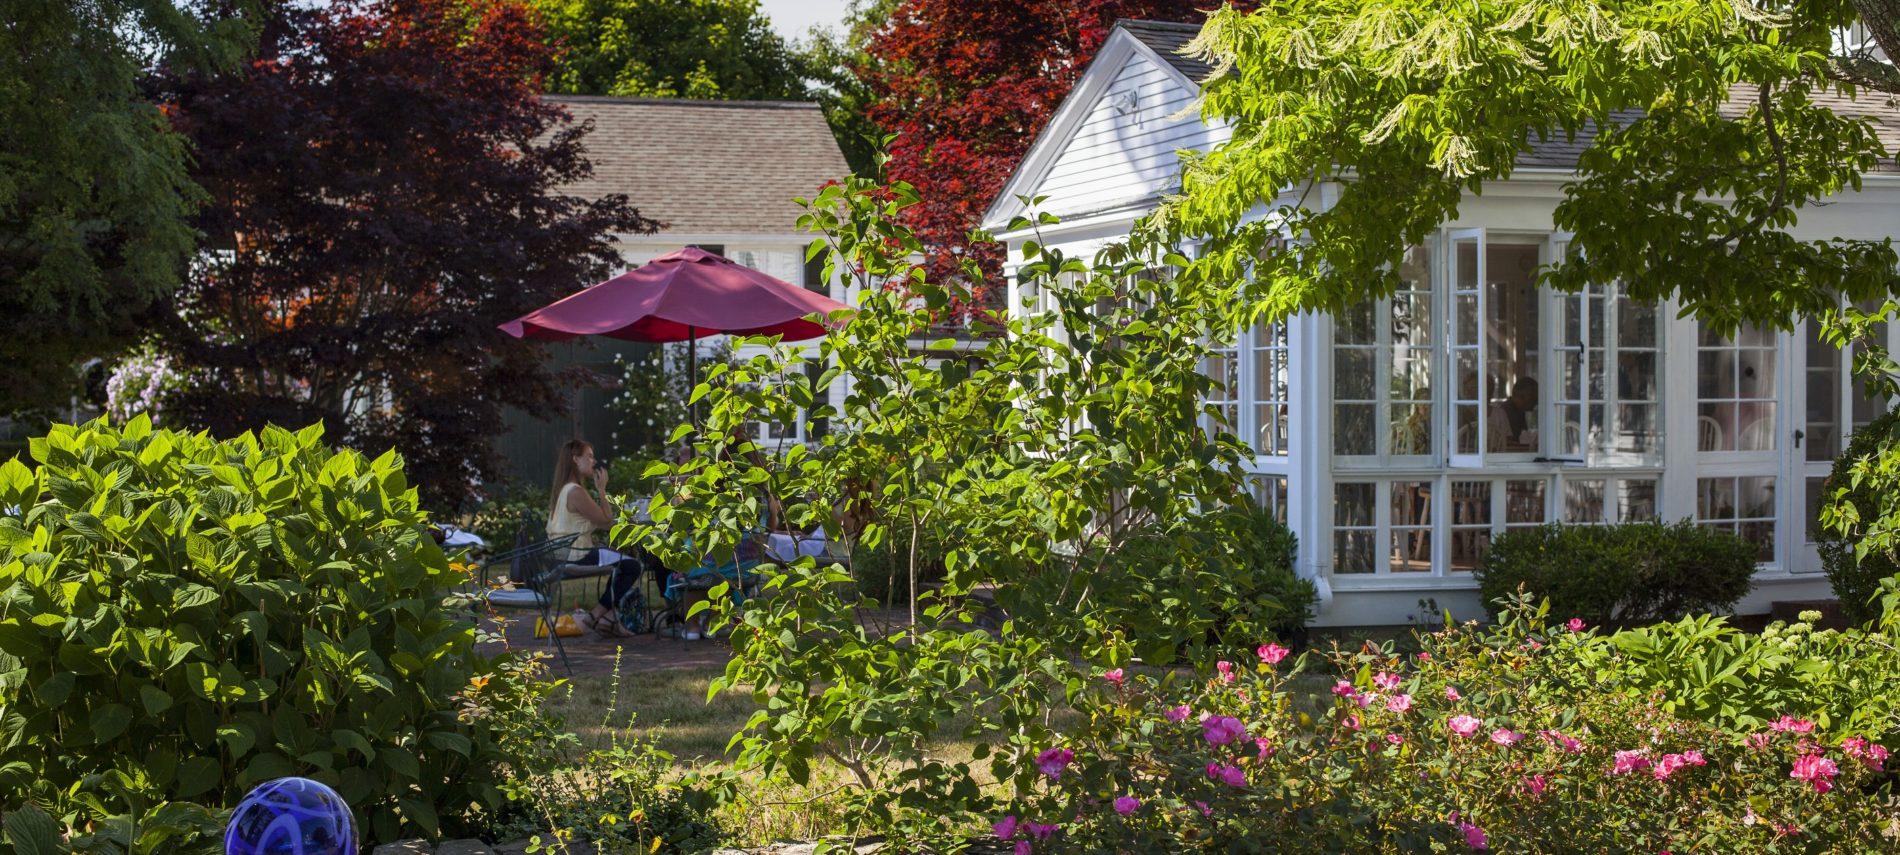 Summer gardens at Captain's House Inn